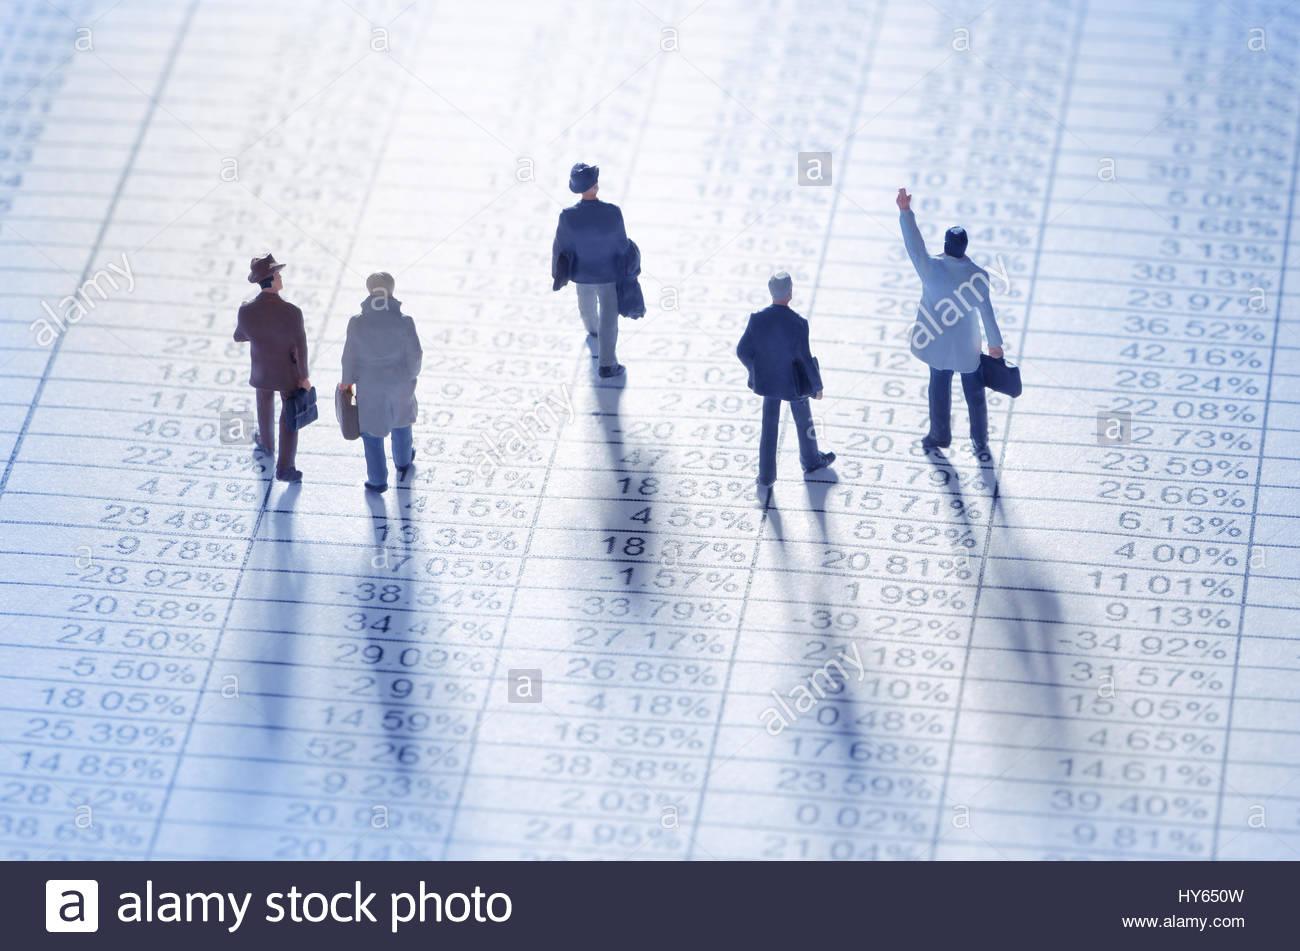 Los empresarios jugando el mercado bursátil Imagen De Stock